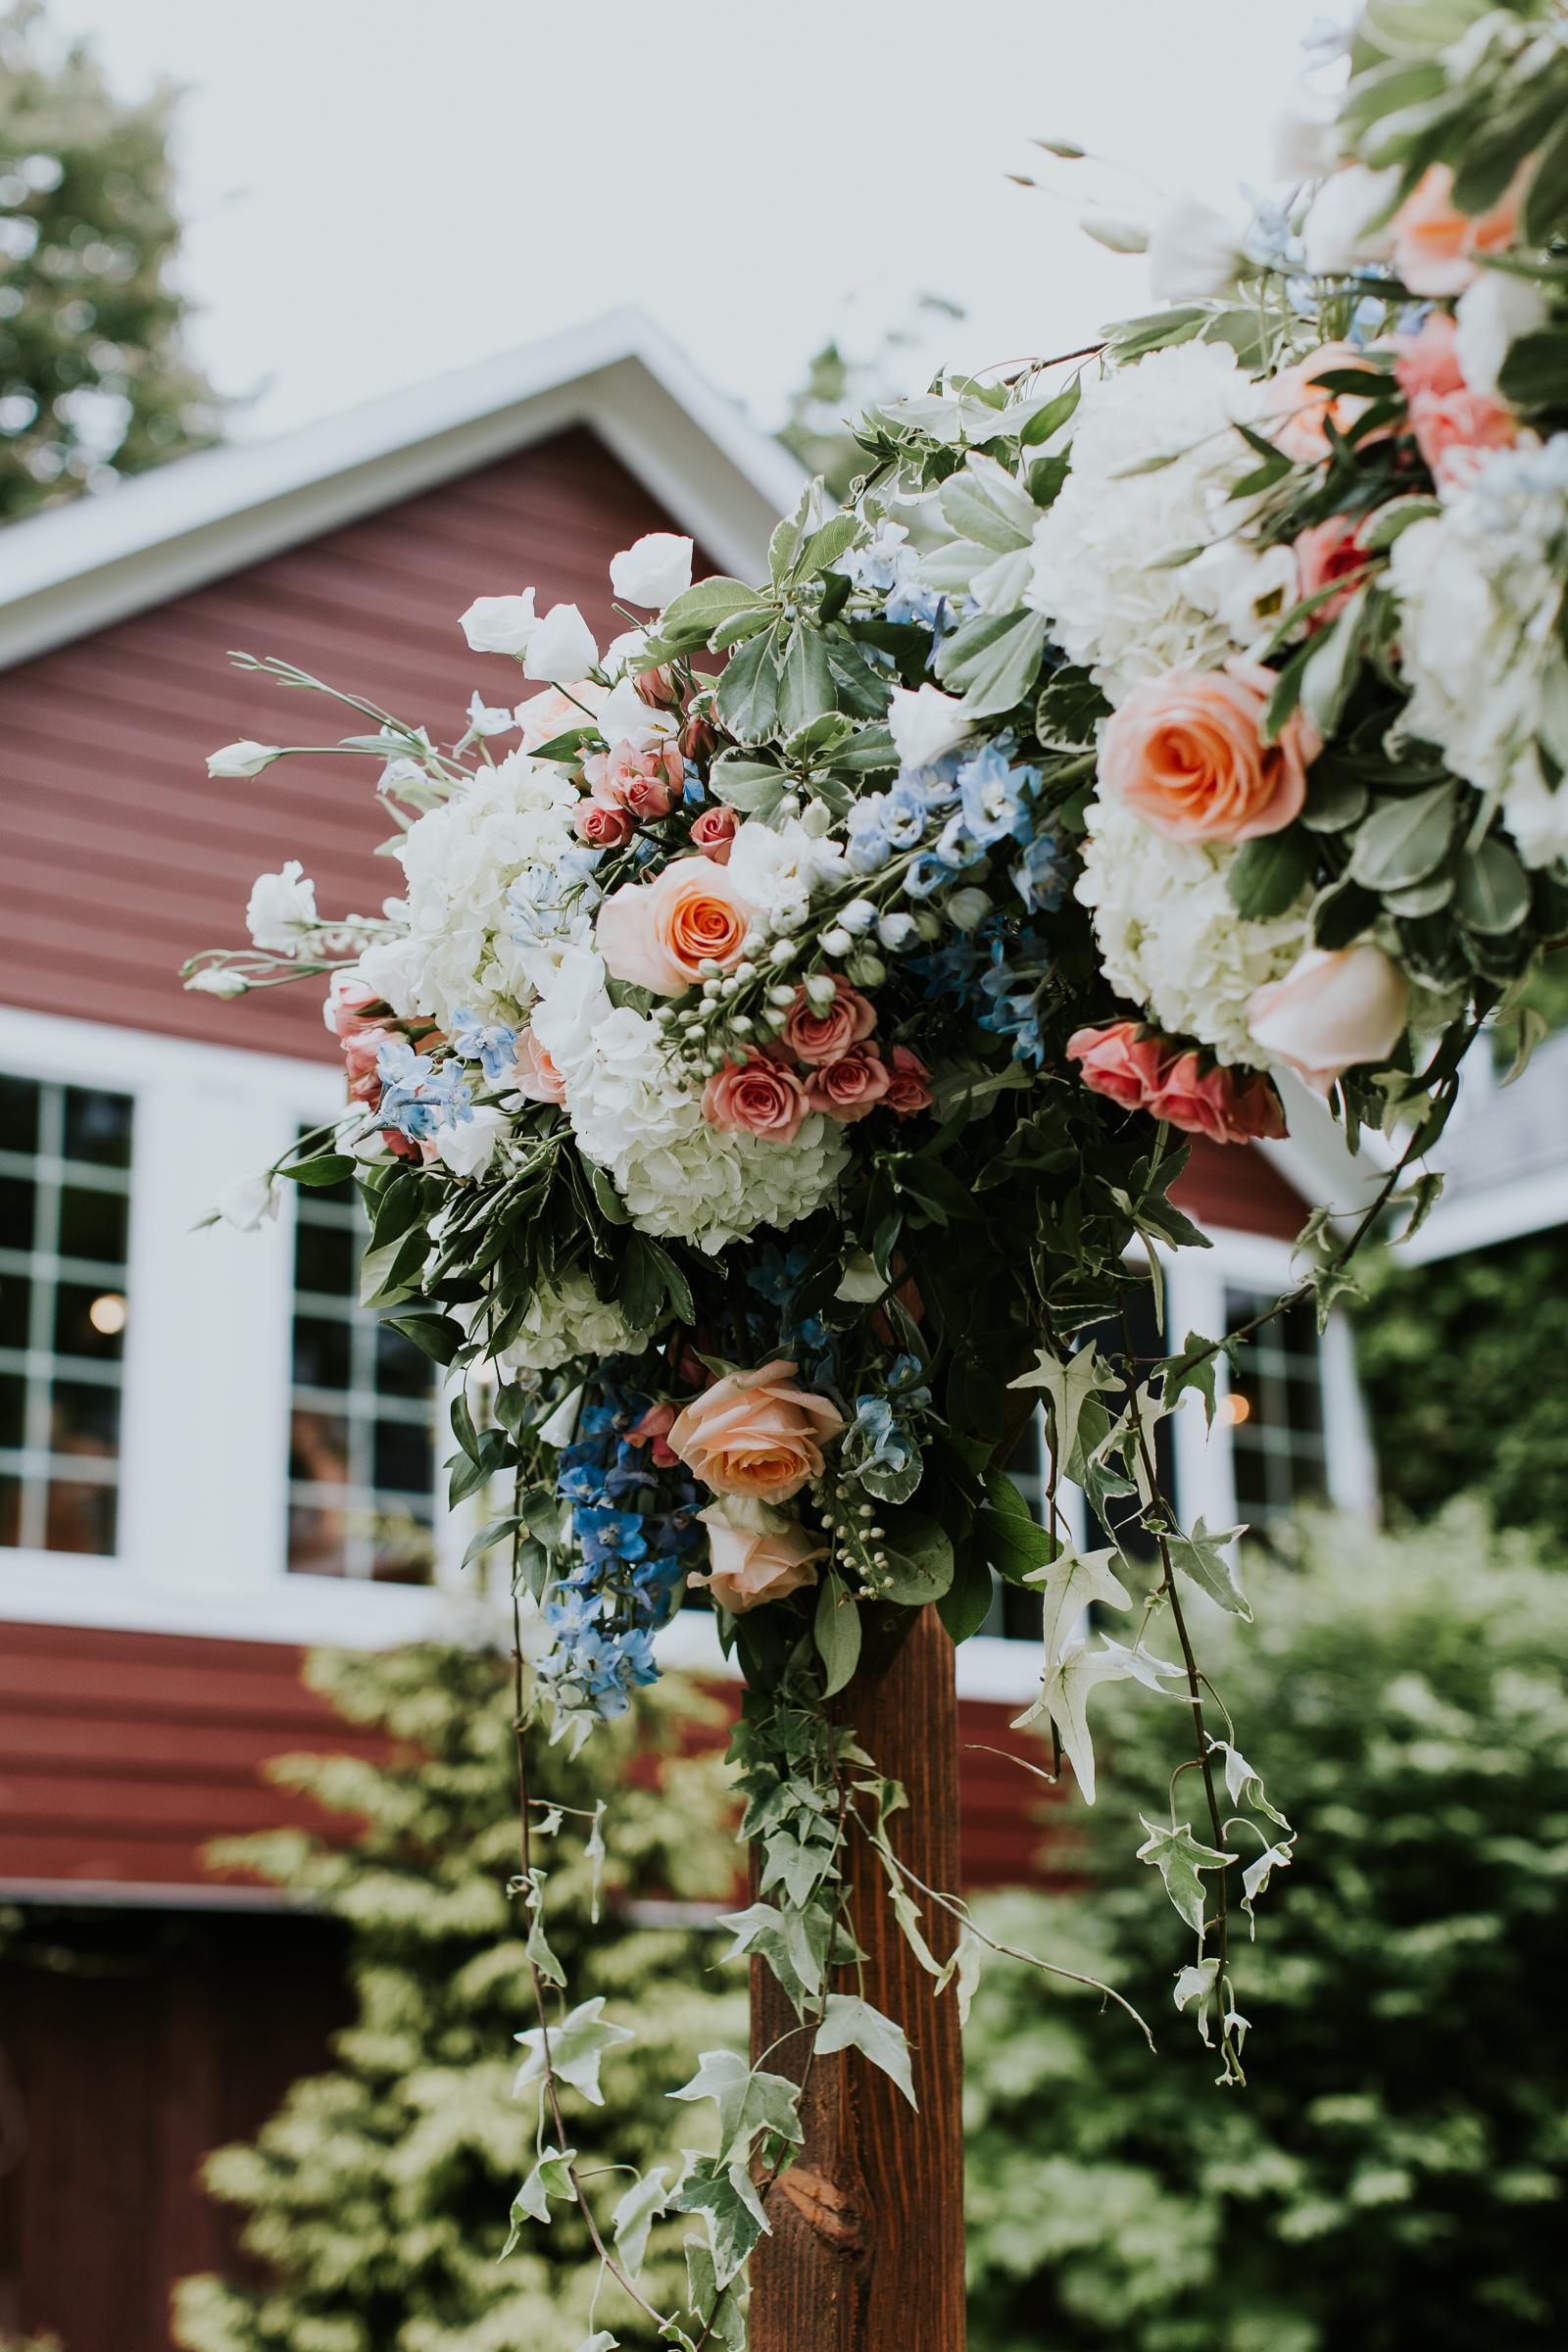 Crossed-Keys-Estate-Andover-NJ-Fine-Art-Documentary-Wedding-Photographer-72.jpg